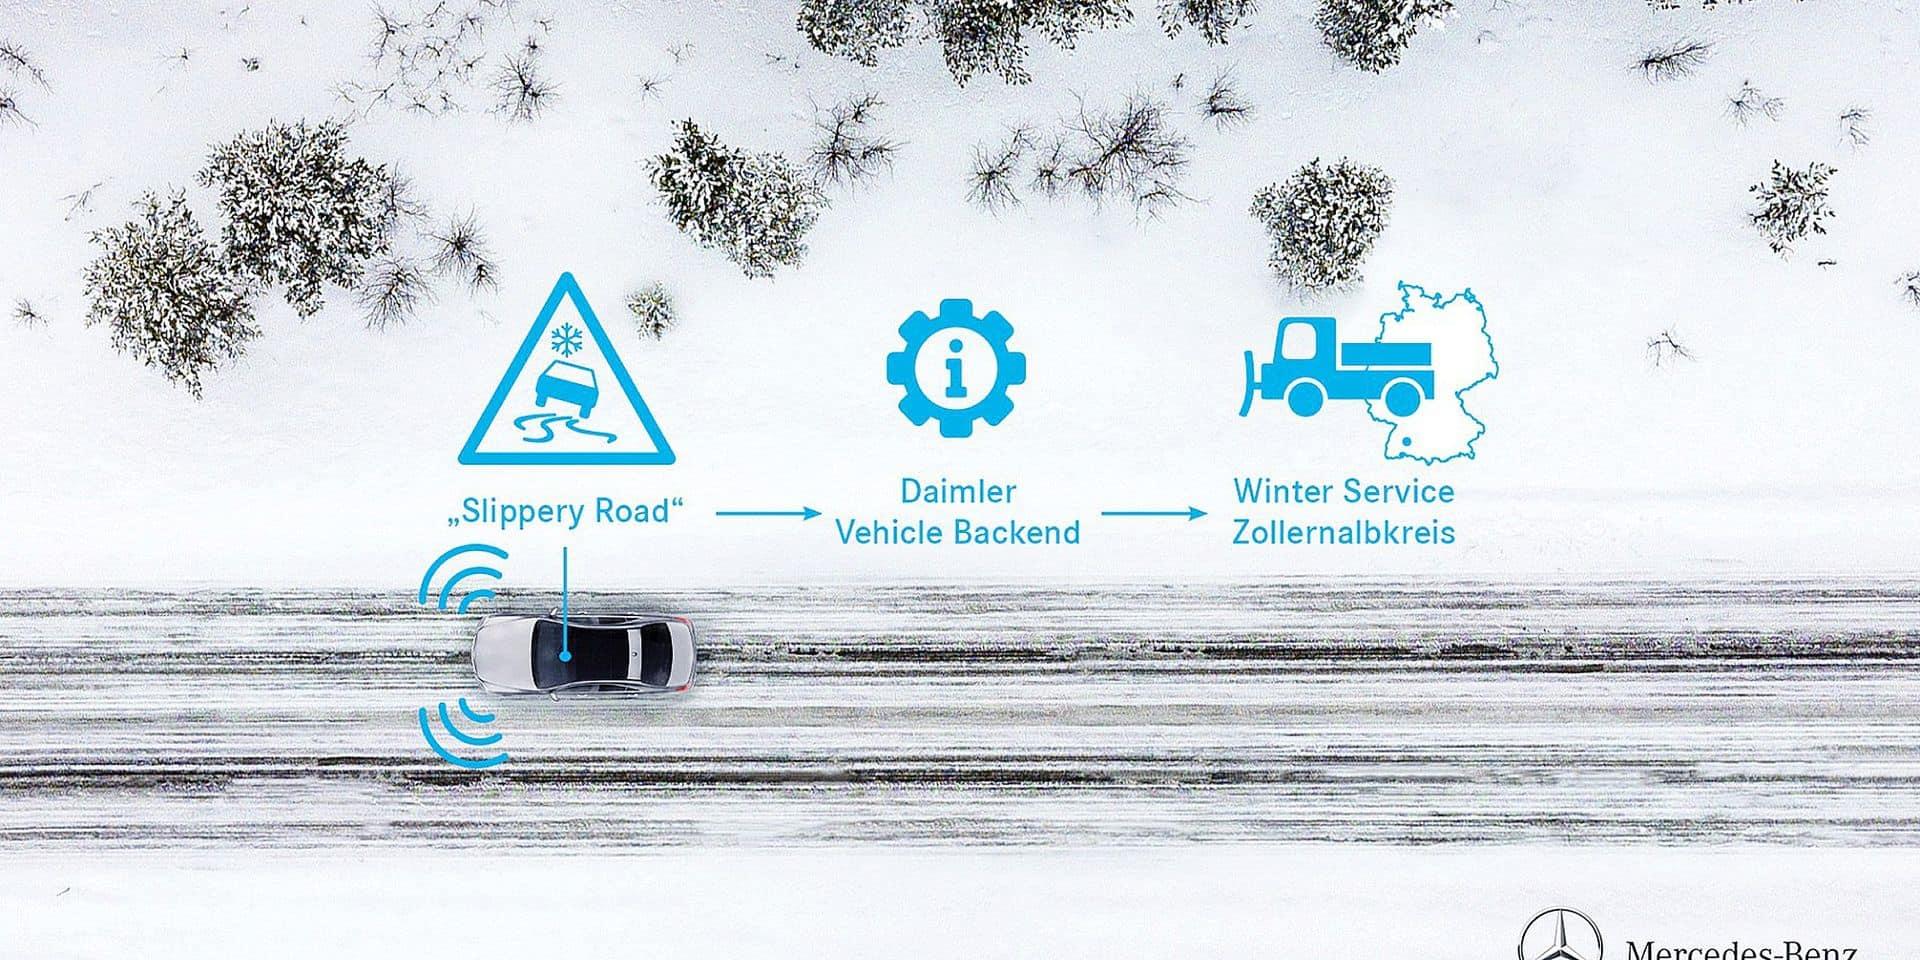 Une nouveauté pour Mercedes : Ne plus être surpris par la neige